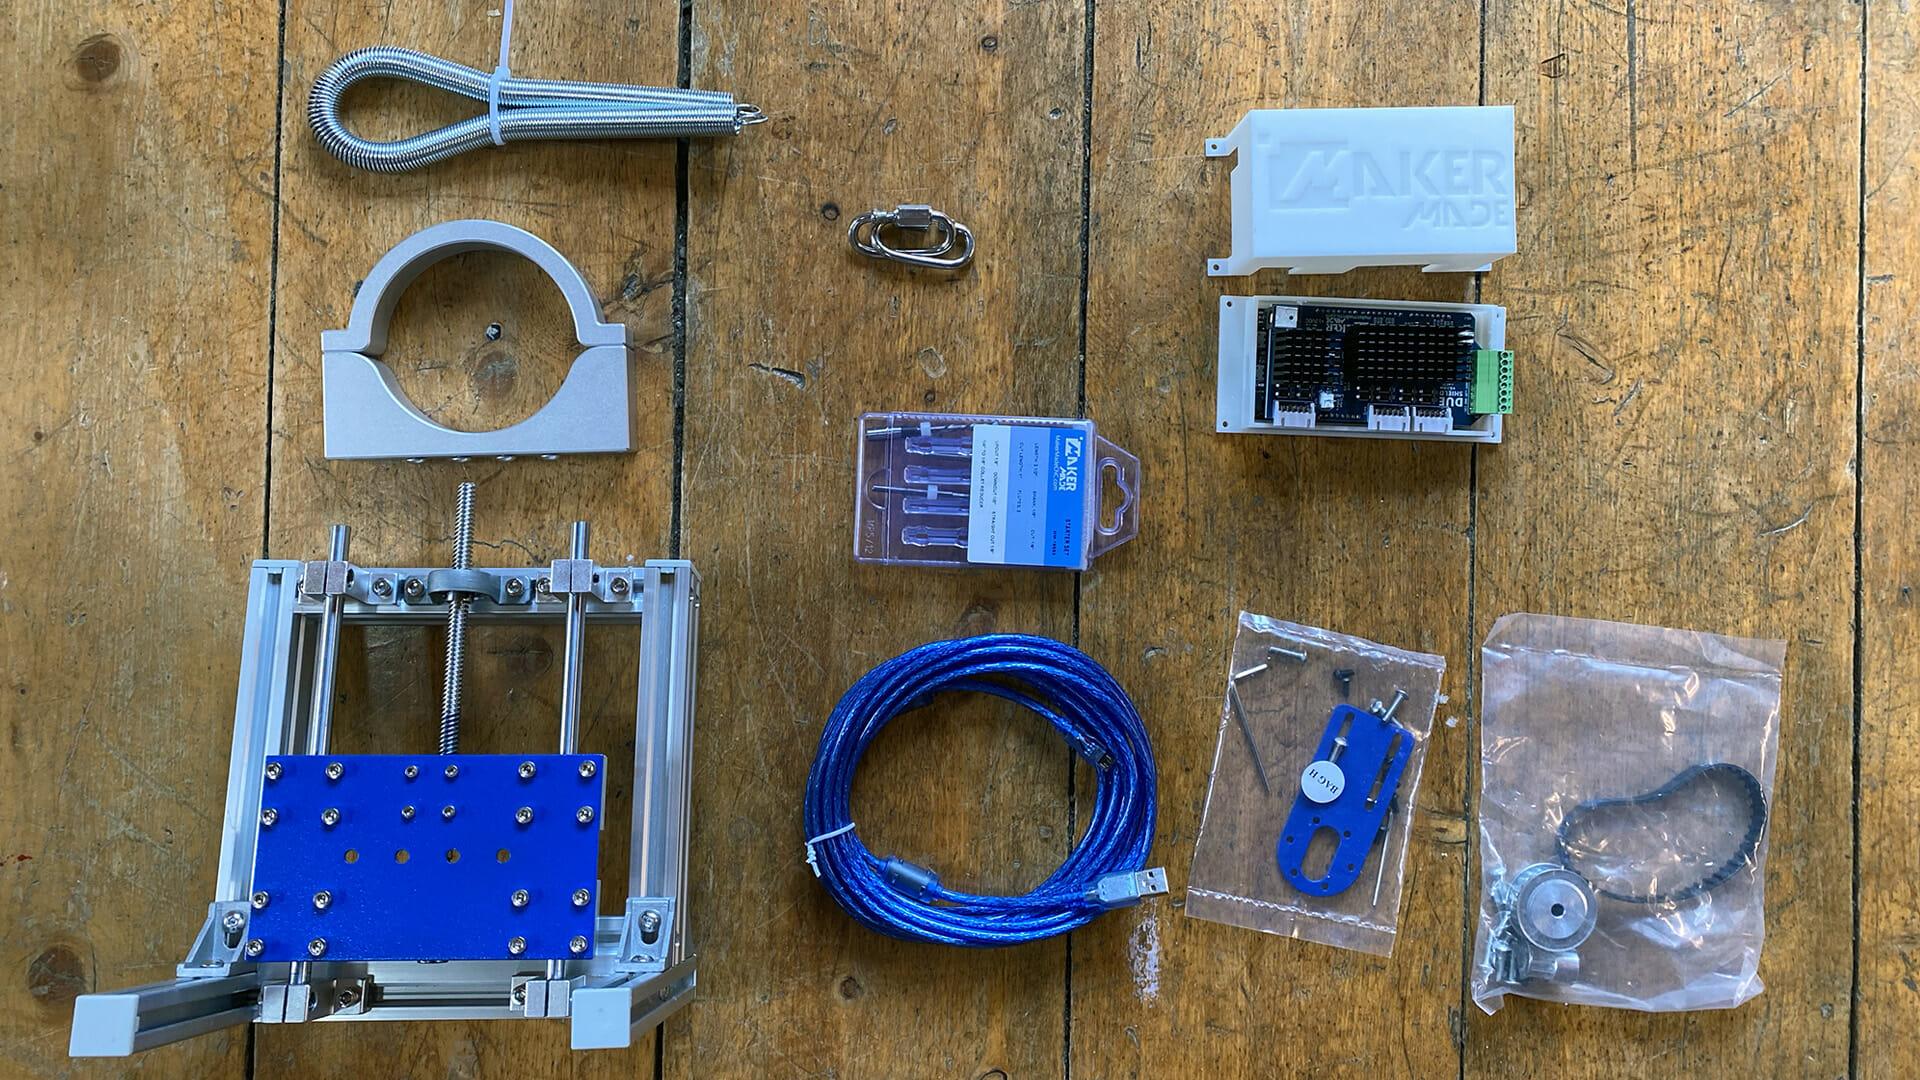 MakerMade Maslow Review: M2 Upgrade Kit